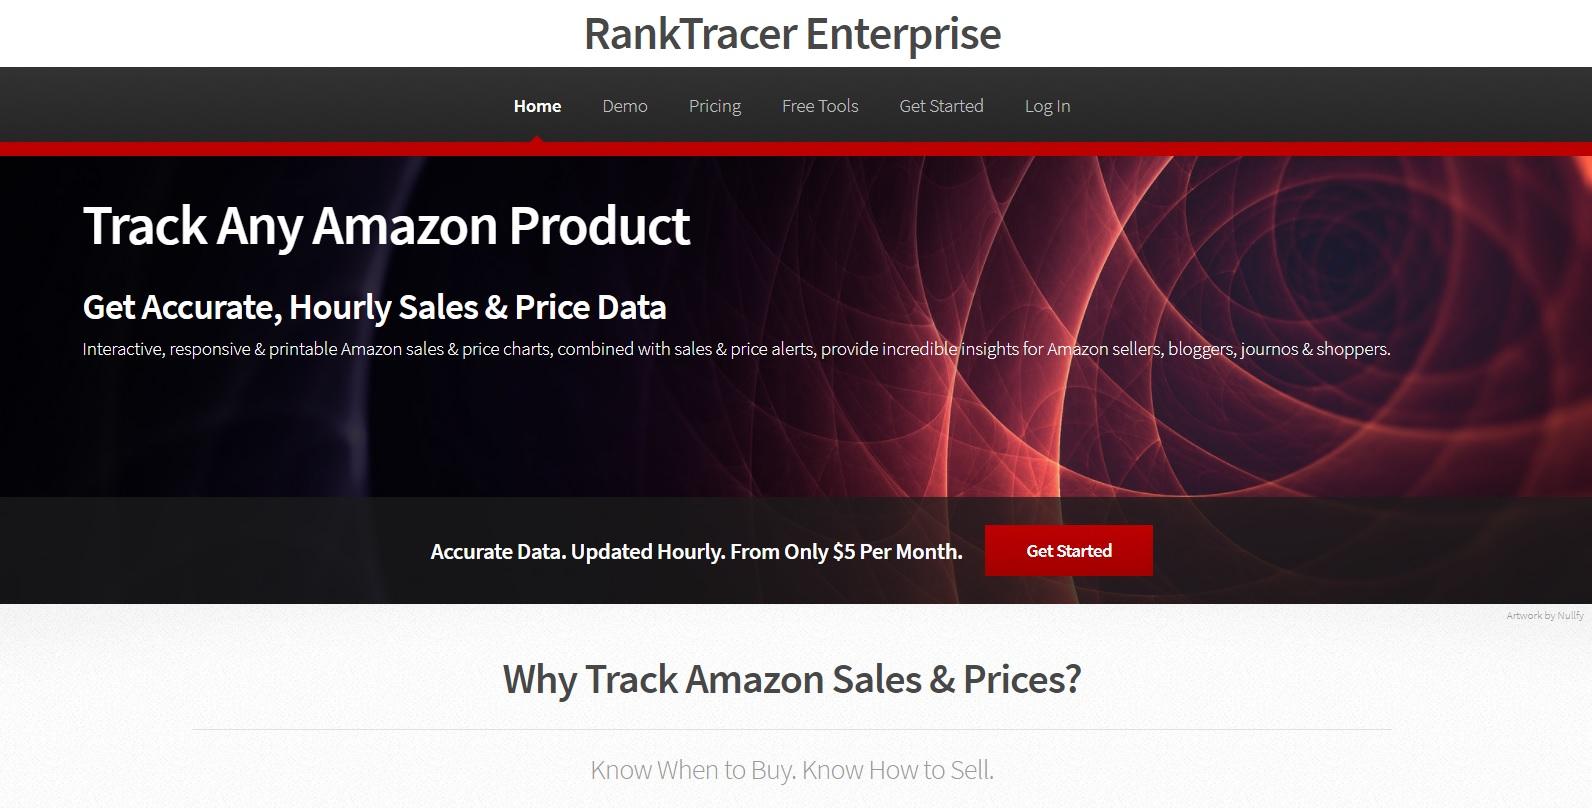 RankTracer Enterprise